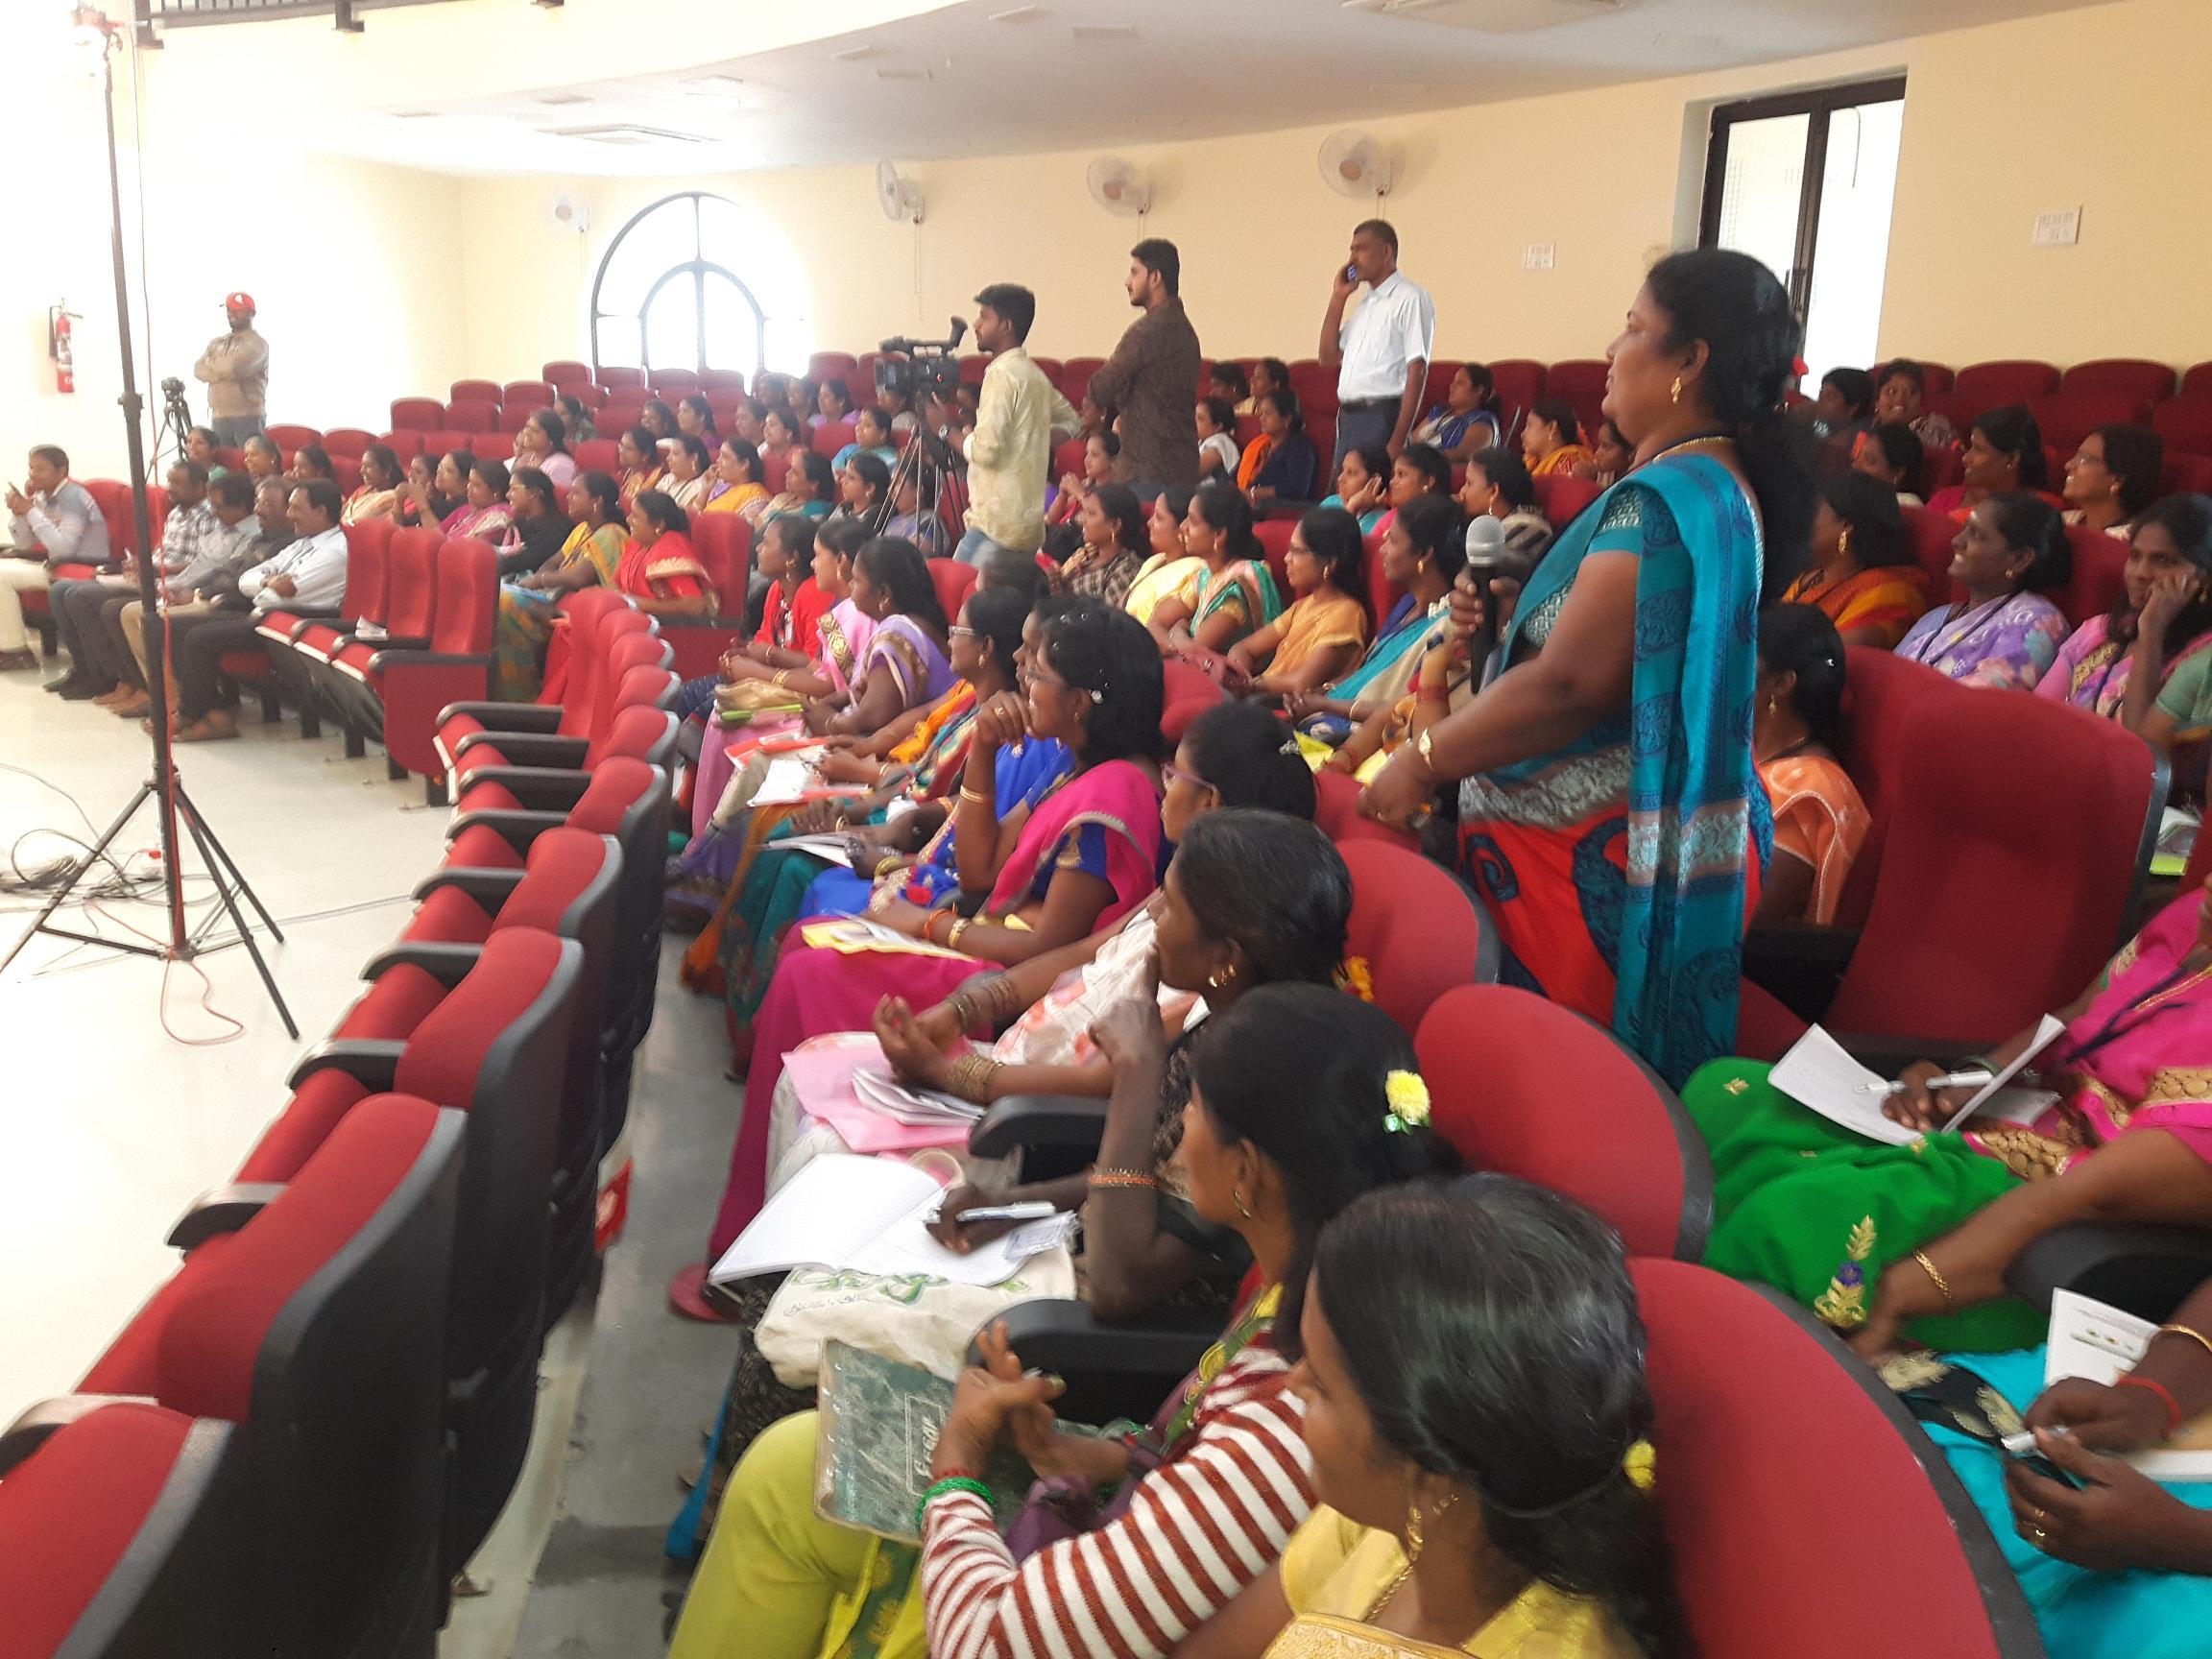 பெண்கள் தொழில் பயிற்சி வகுப்பு காஞ்சிபுரம்